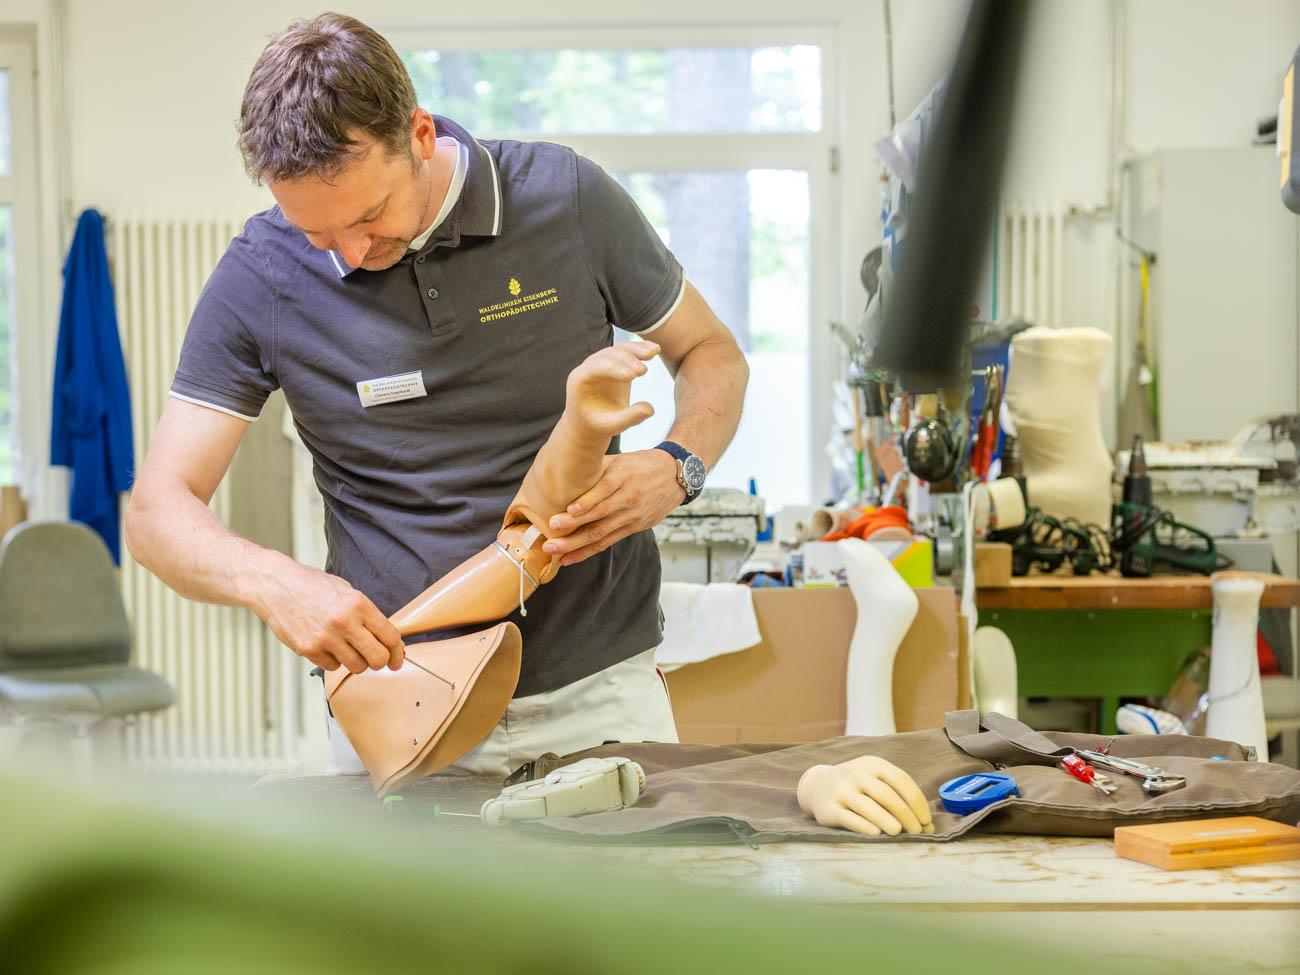 Mitarbeiter passt Handprothese an DSF2024